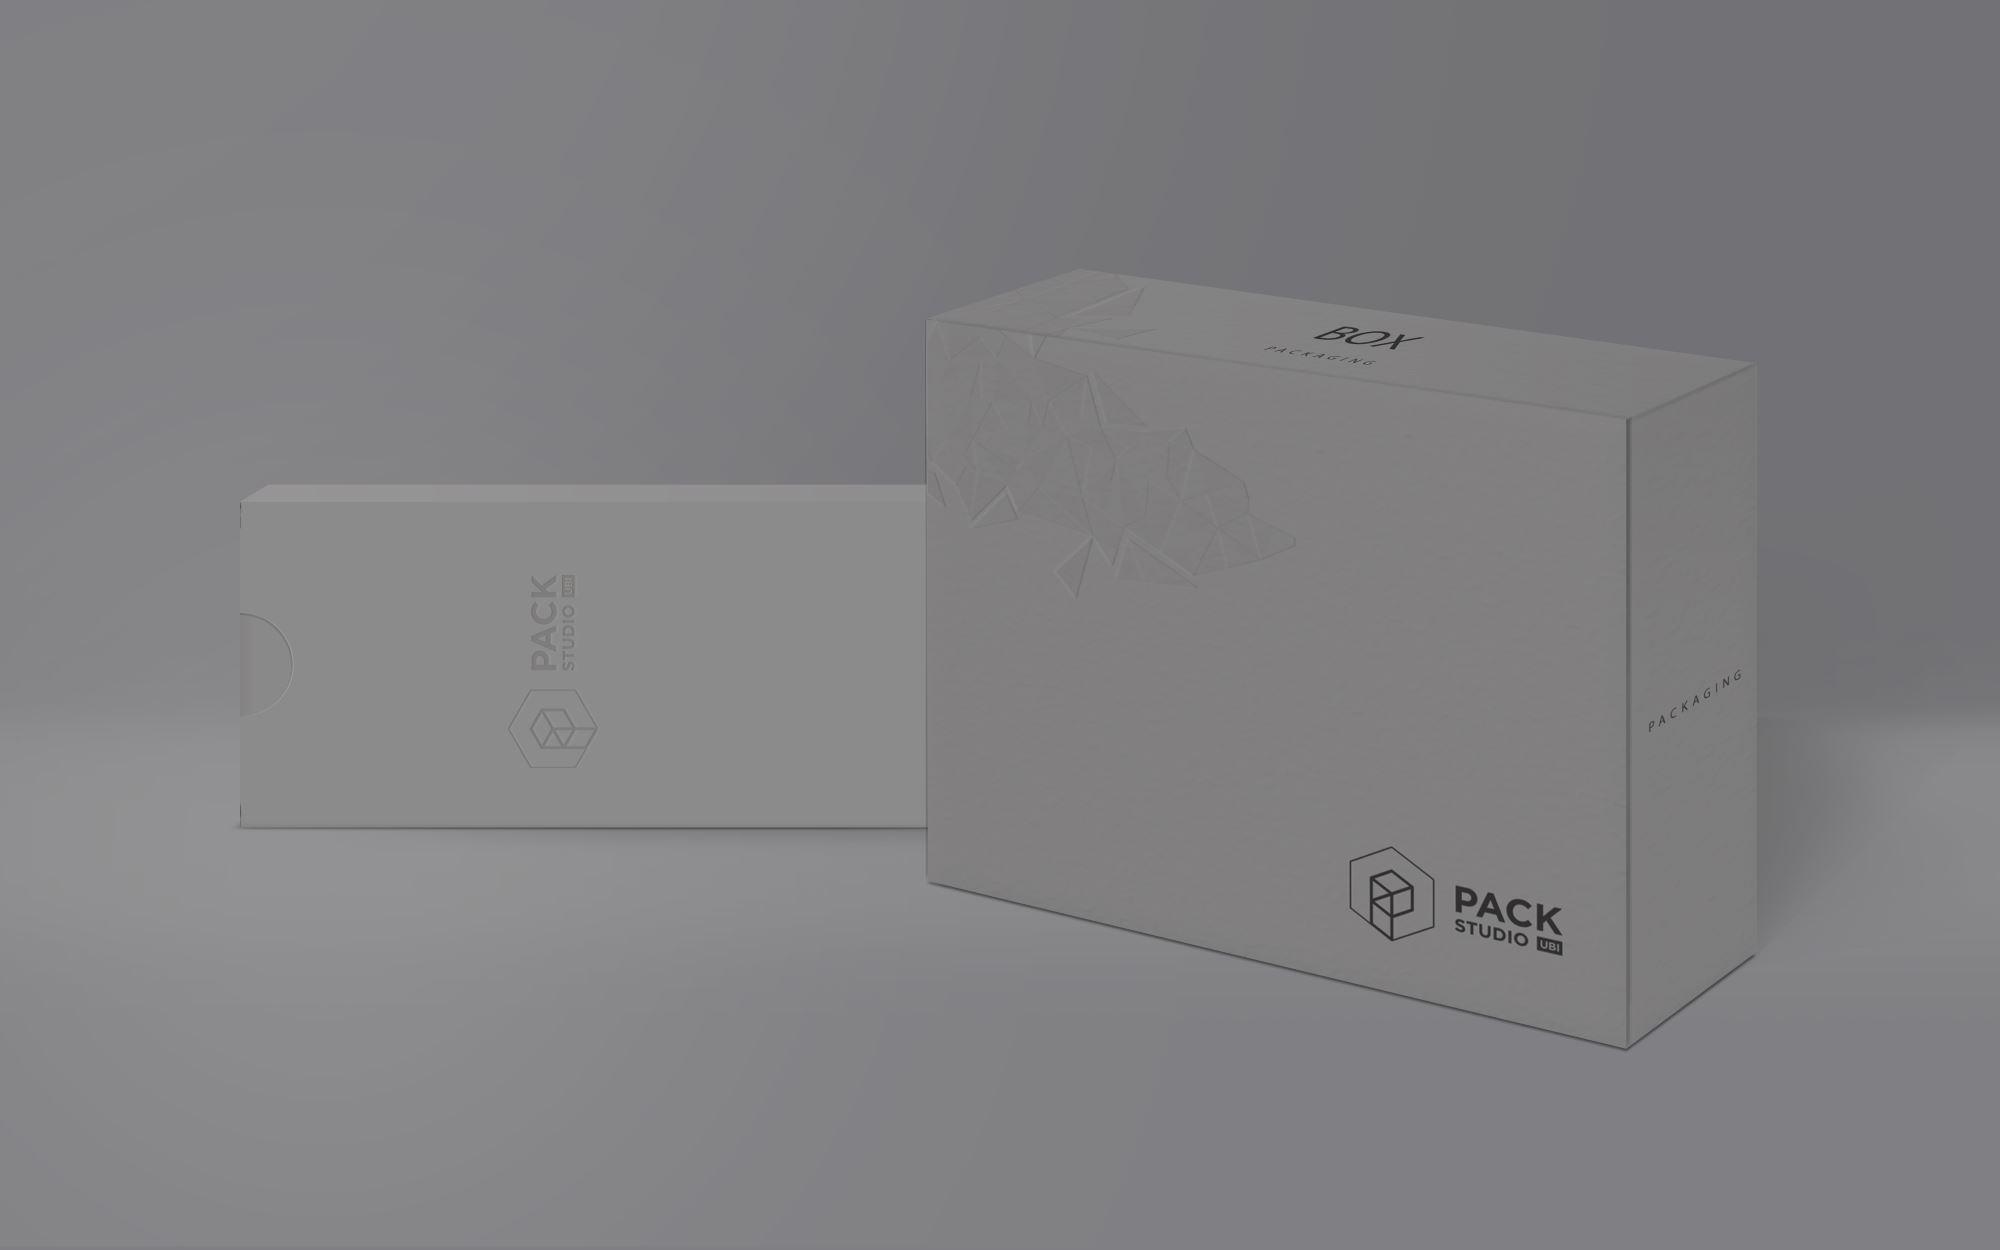 Дизайнерская упаковка для ваших товаров